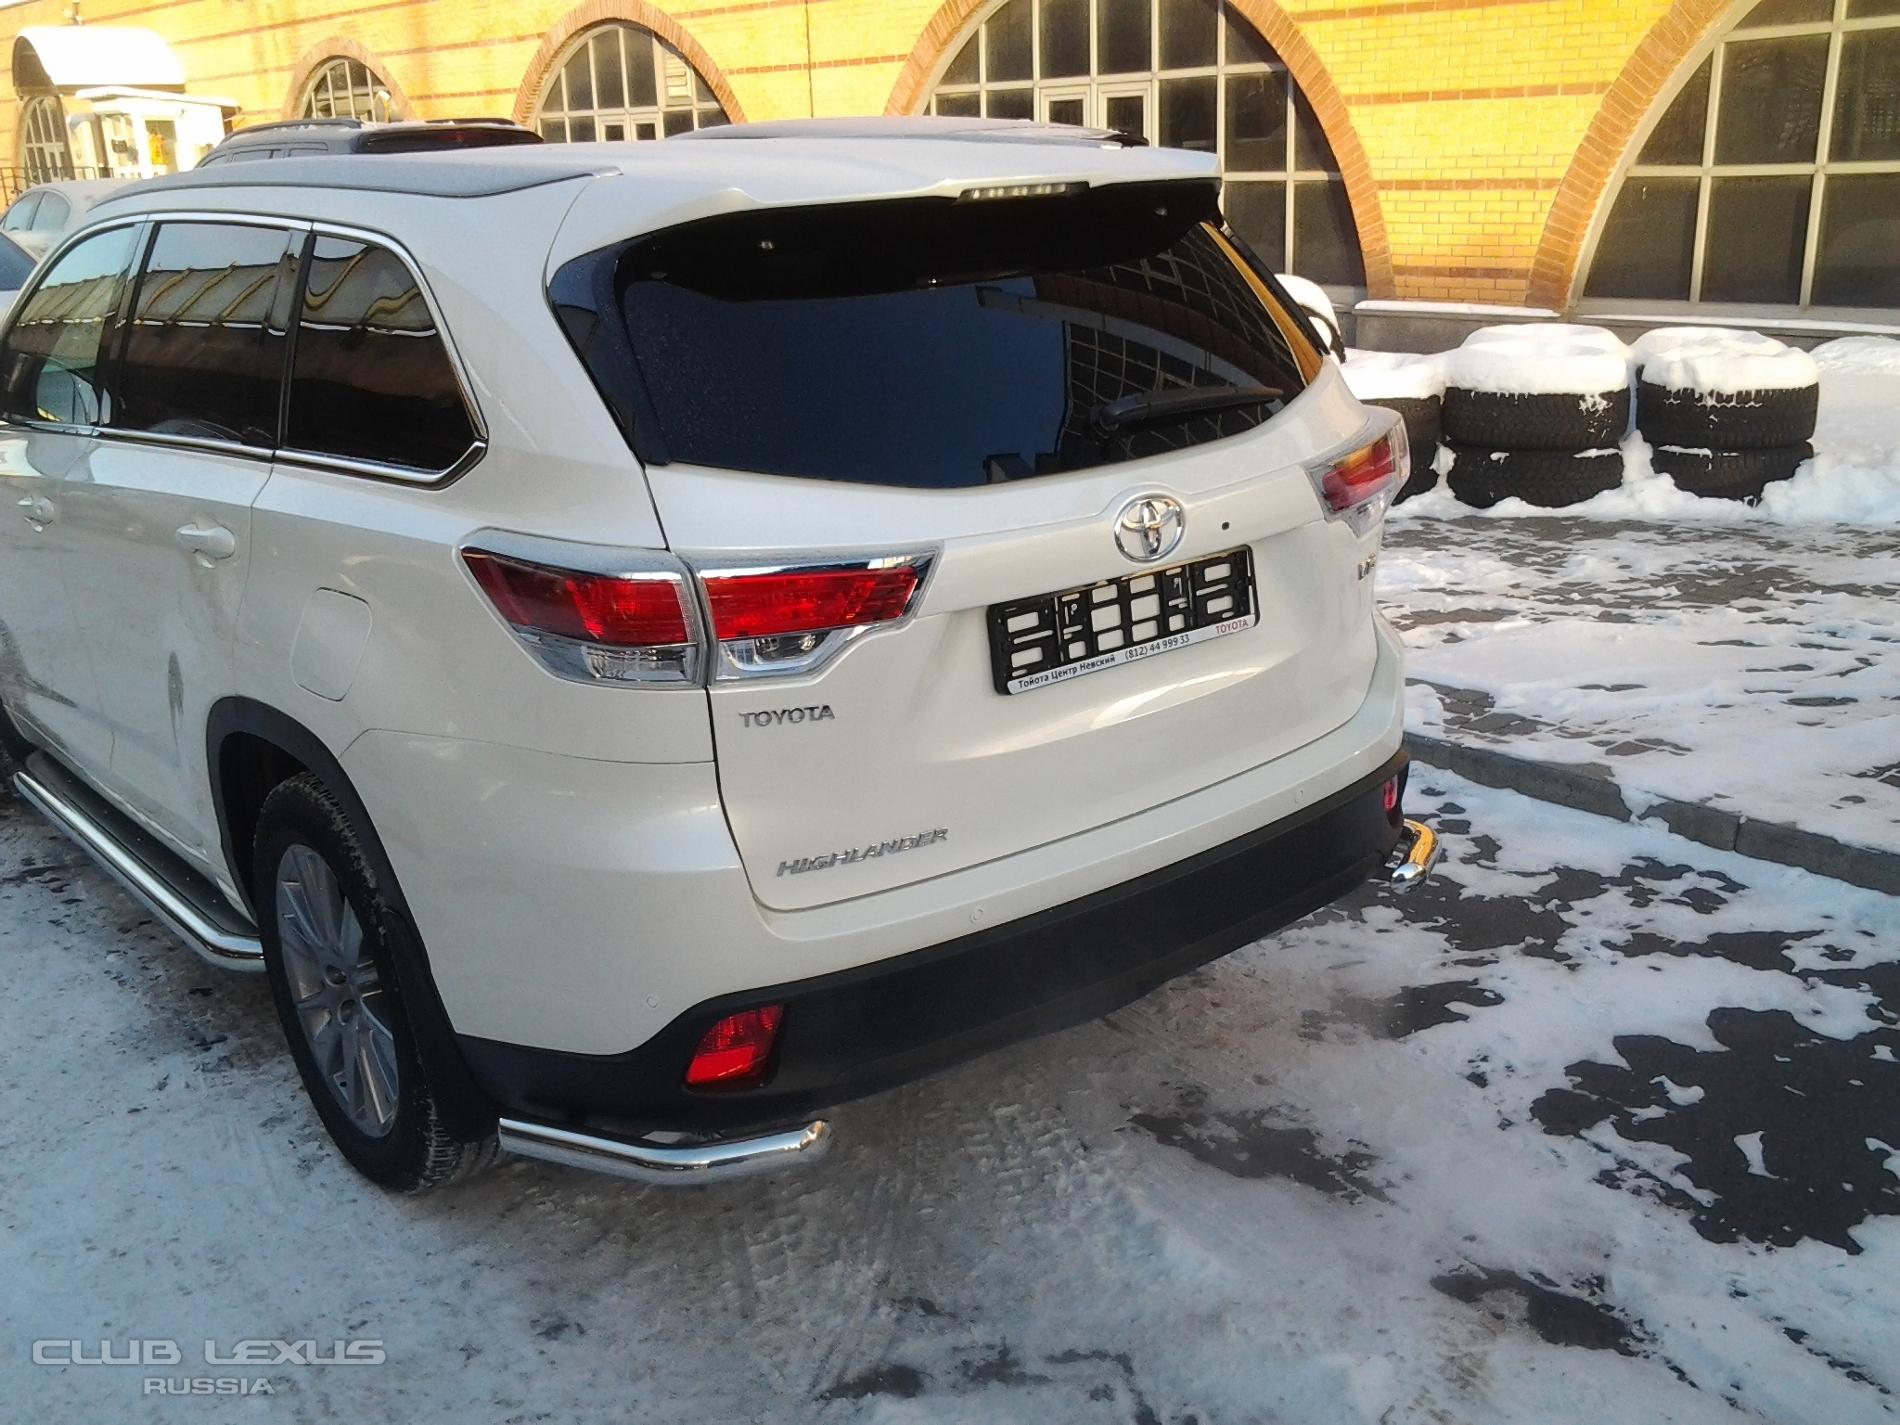 Отзывы о новом Тойота Хайлендер (Toyota Highlander) с ФОТО